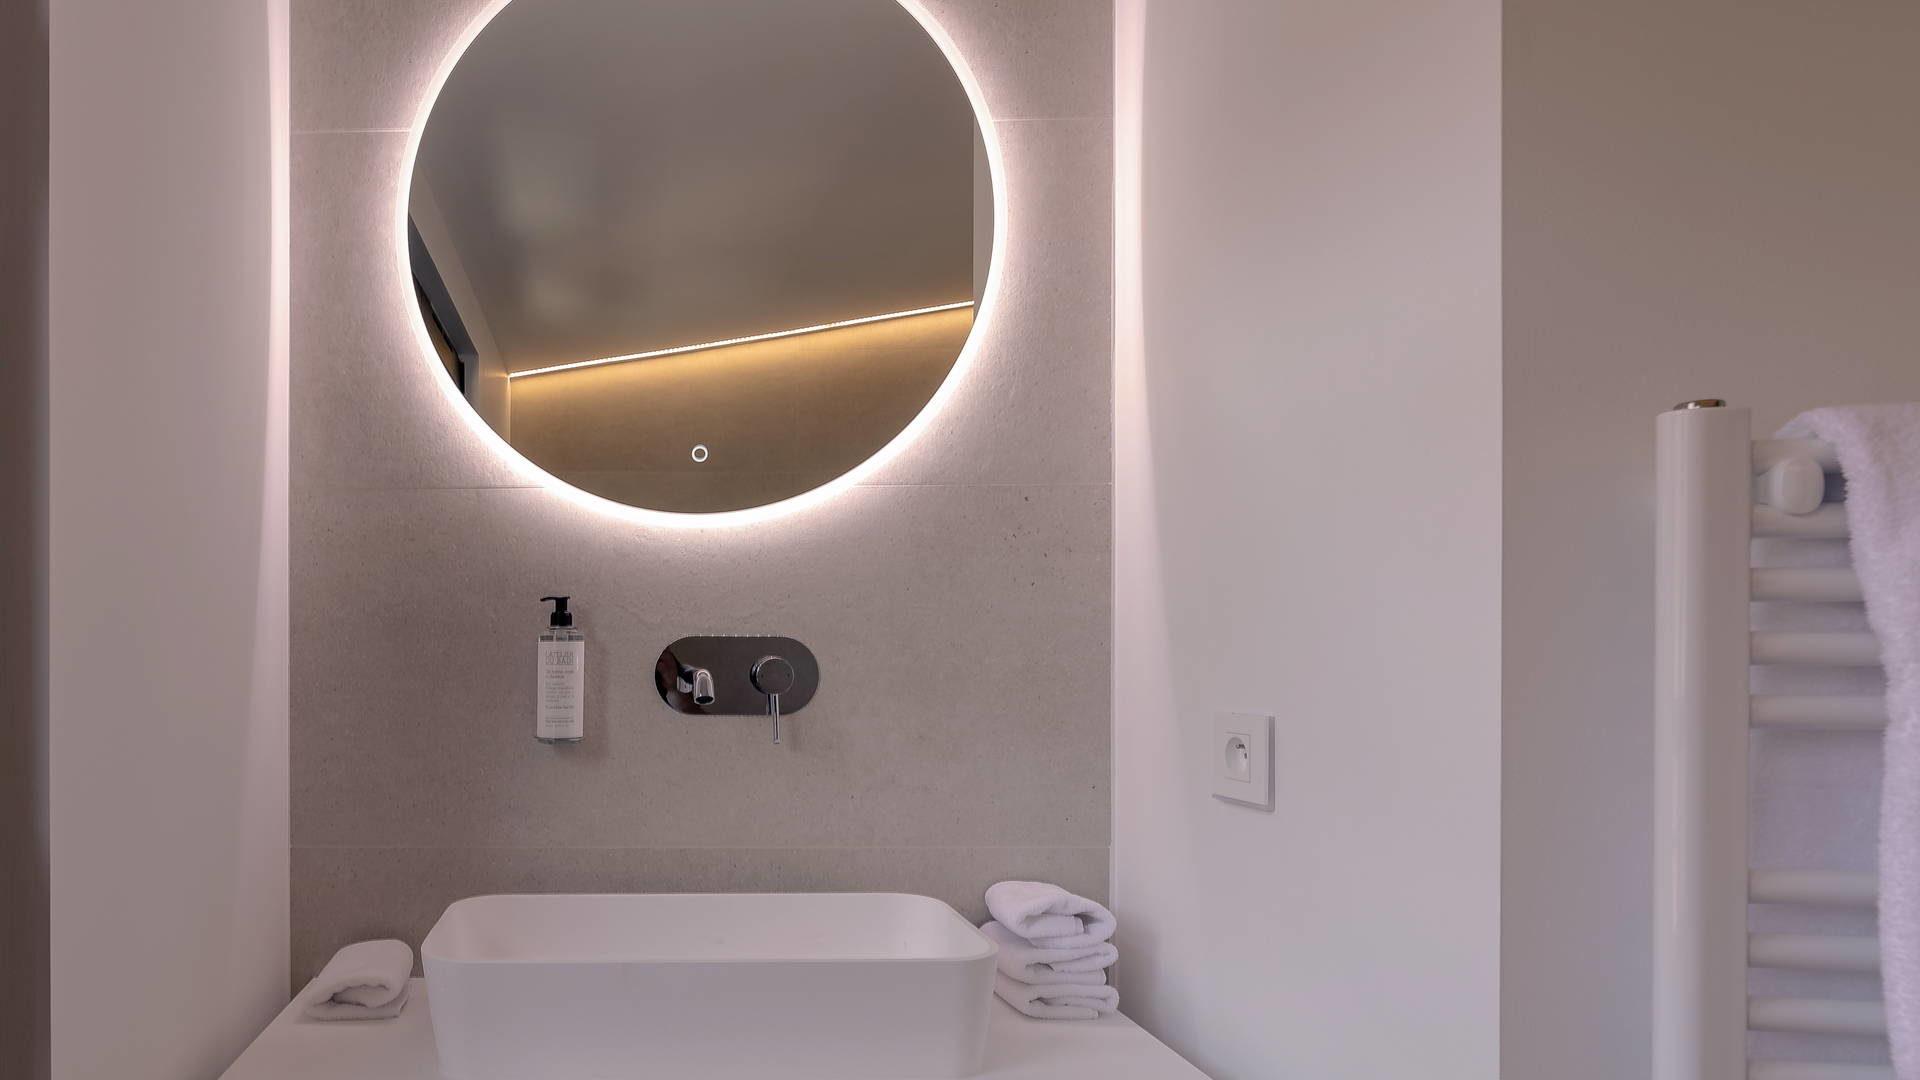 Lavabo et miroir de la salle de bain d'une chambre de notre hôtel sur le port de Collioures.